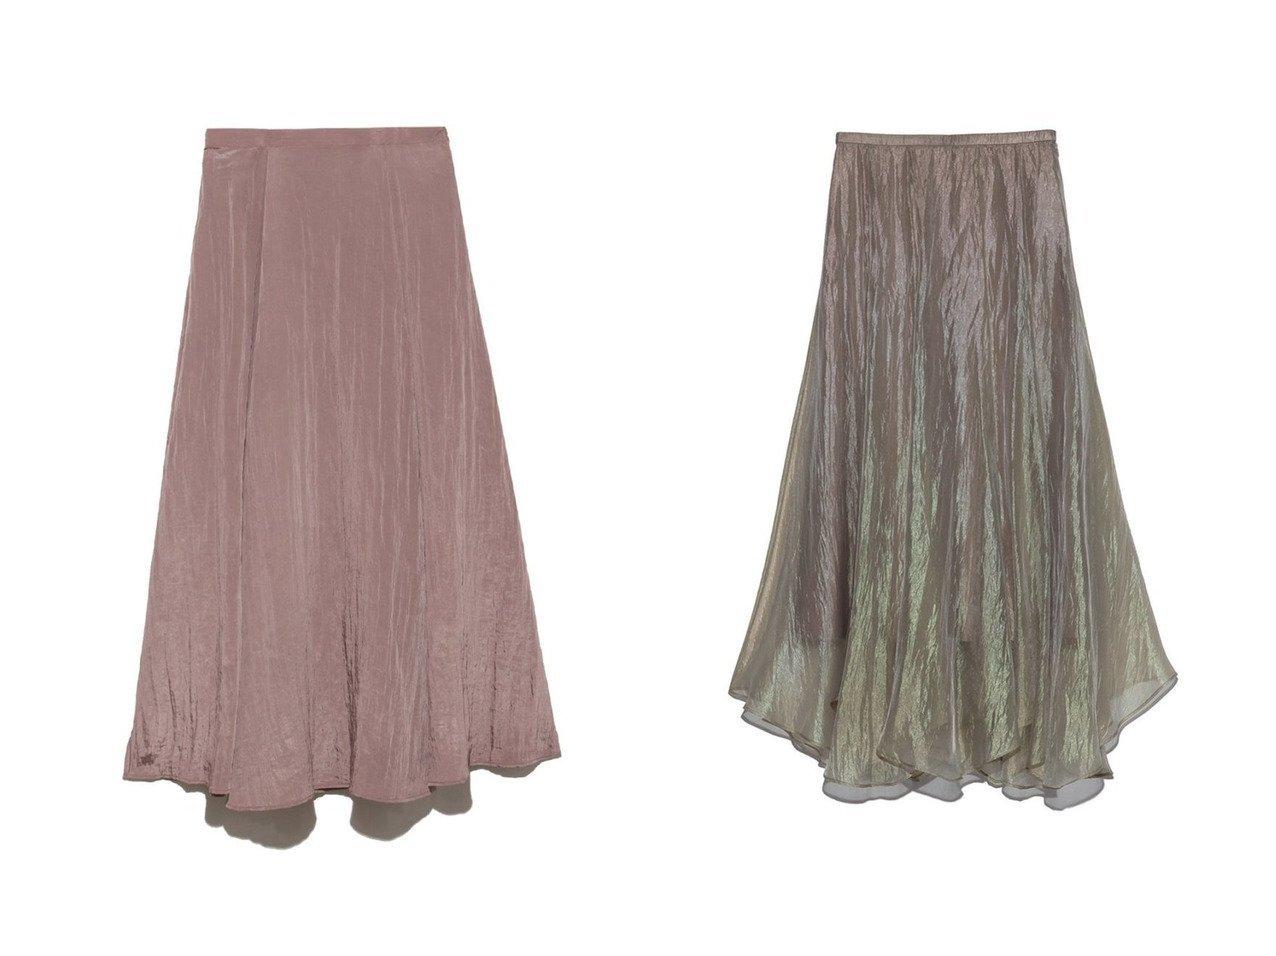 【SNIDEL/スナイデル】のシアーフレアSK&シャイニープリーツスカート スカートのおすすめ!人気、トレンド・レディースファッションの通販  おすすめで人気の流行・トレンド、ファッションの通販商品 メンズファッション・キッズファッション・インテリア・家具・レディースファッション・服の通販 founy(ファニー) https://founy.com/ ファッション Fashion レディースファッション WOMEN スカート Skirt プリーツスカート Pleated Skirts ロングスカート Long Skirt Aライン/フレアスカート Flared A-Line Skirts 10月号 11月号 イレギュラーヘム フレア プリーツ ロング シフォン シンプル ミックス 今季 |ID:crp329100000009723